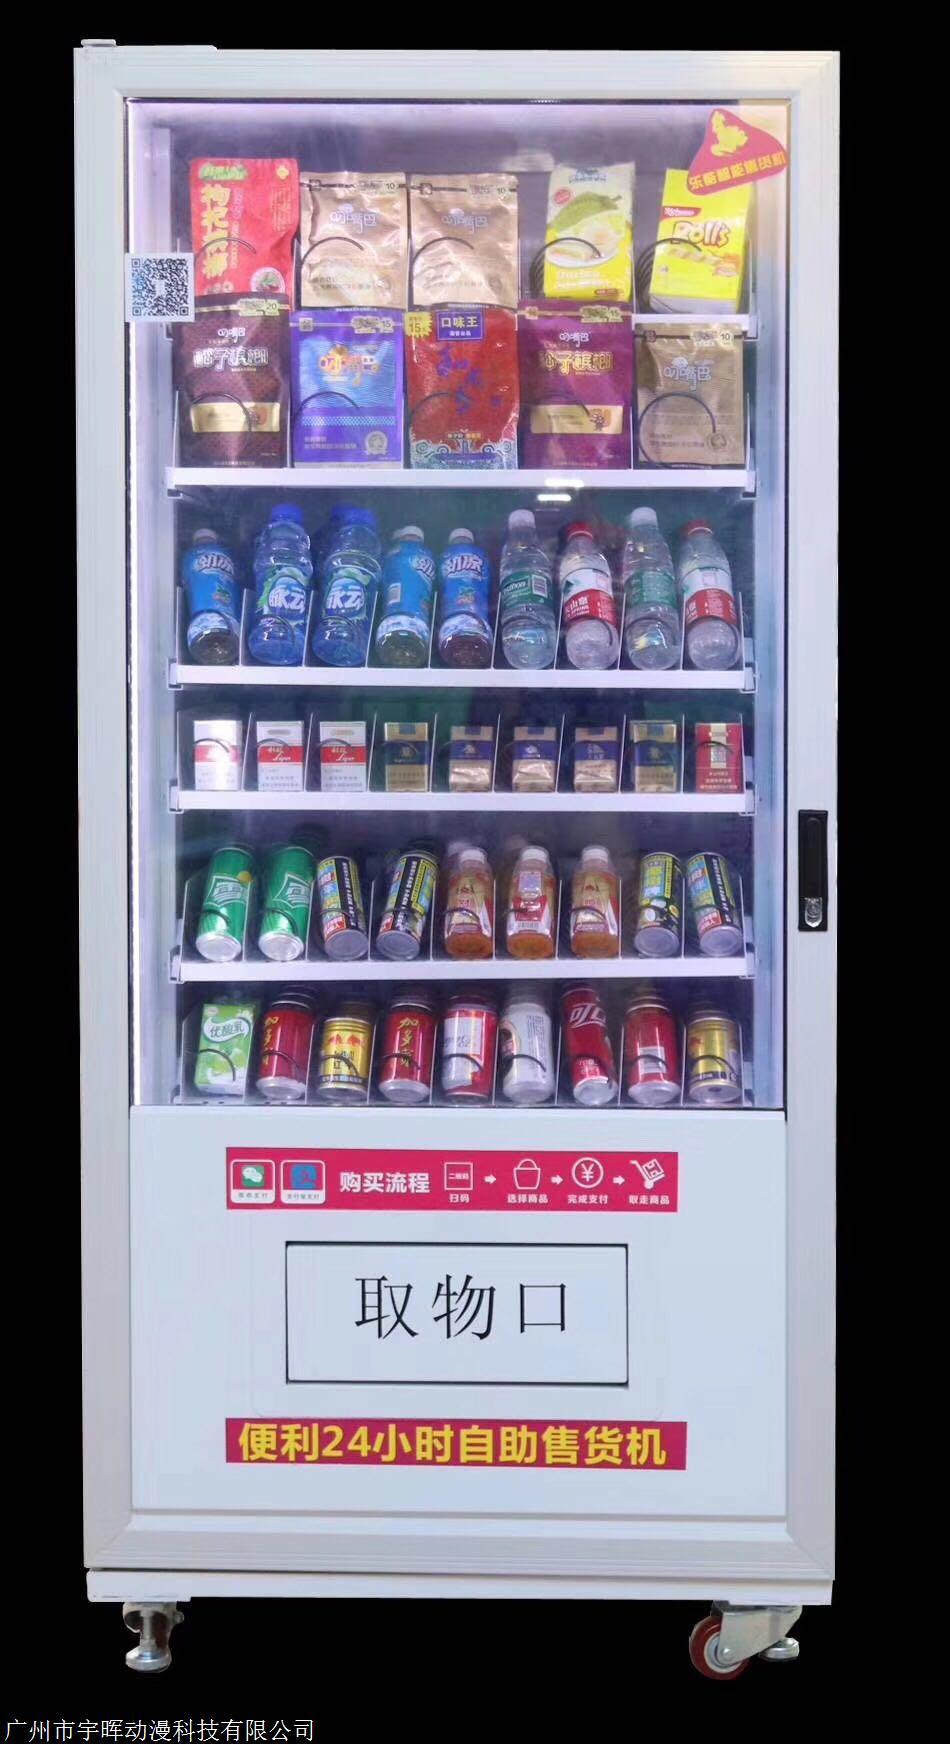 自动售货机批发制冷饮料机零食机多少钱一台